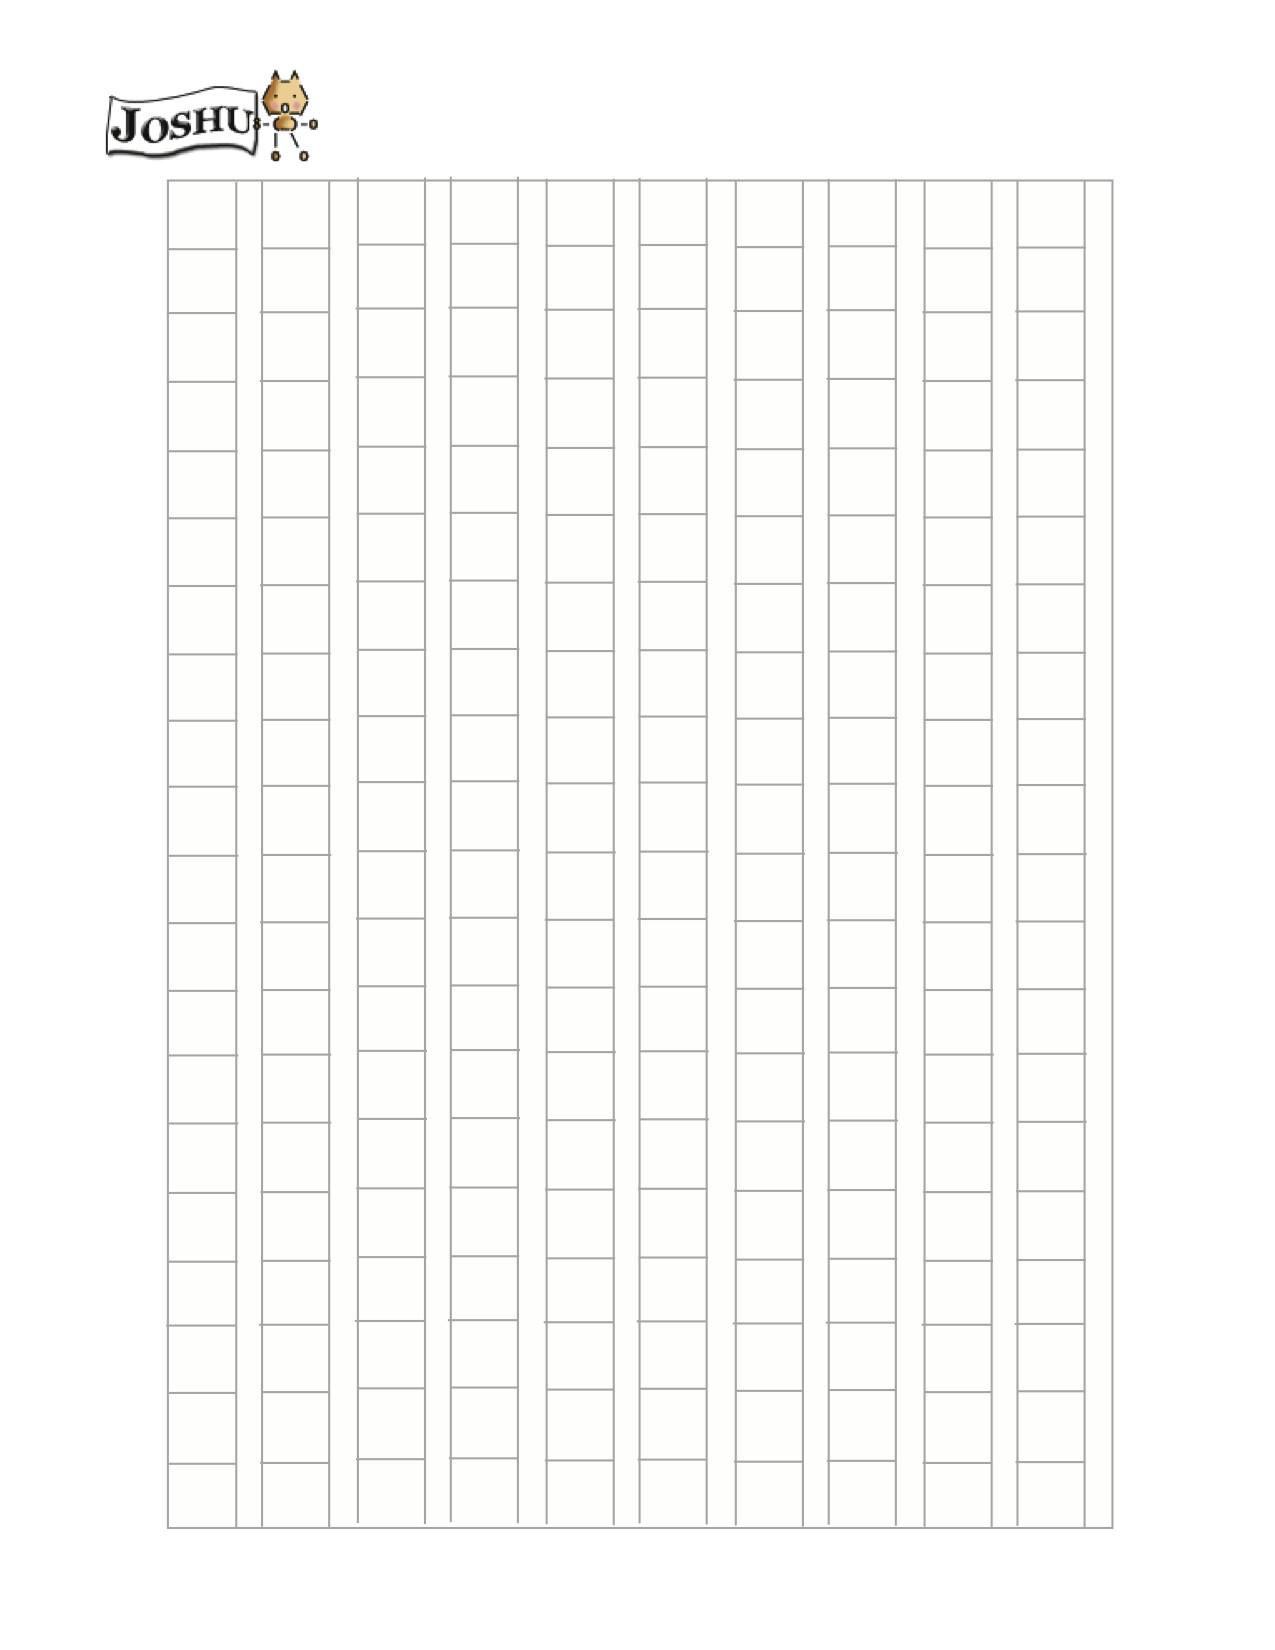 Printable Kanji Practice Sheets Blank Worksheet Japanese Kanji